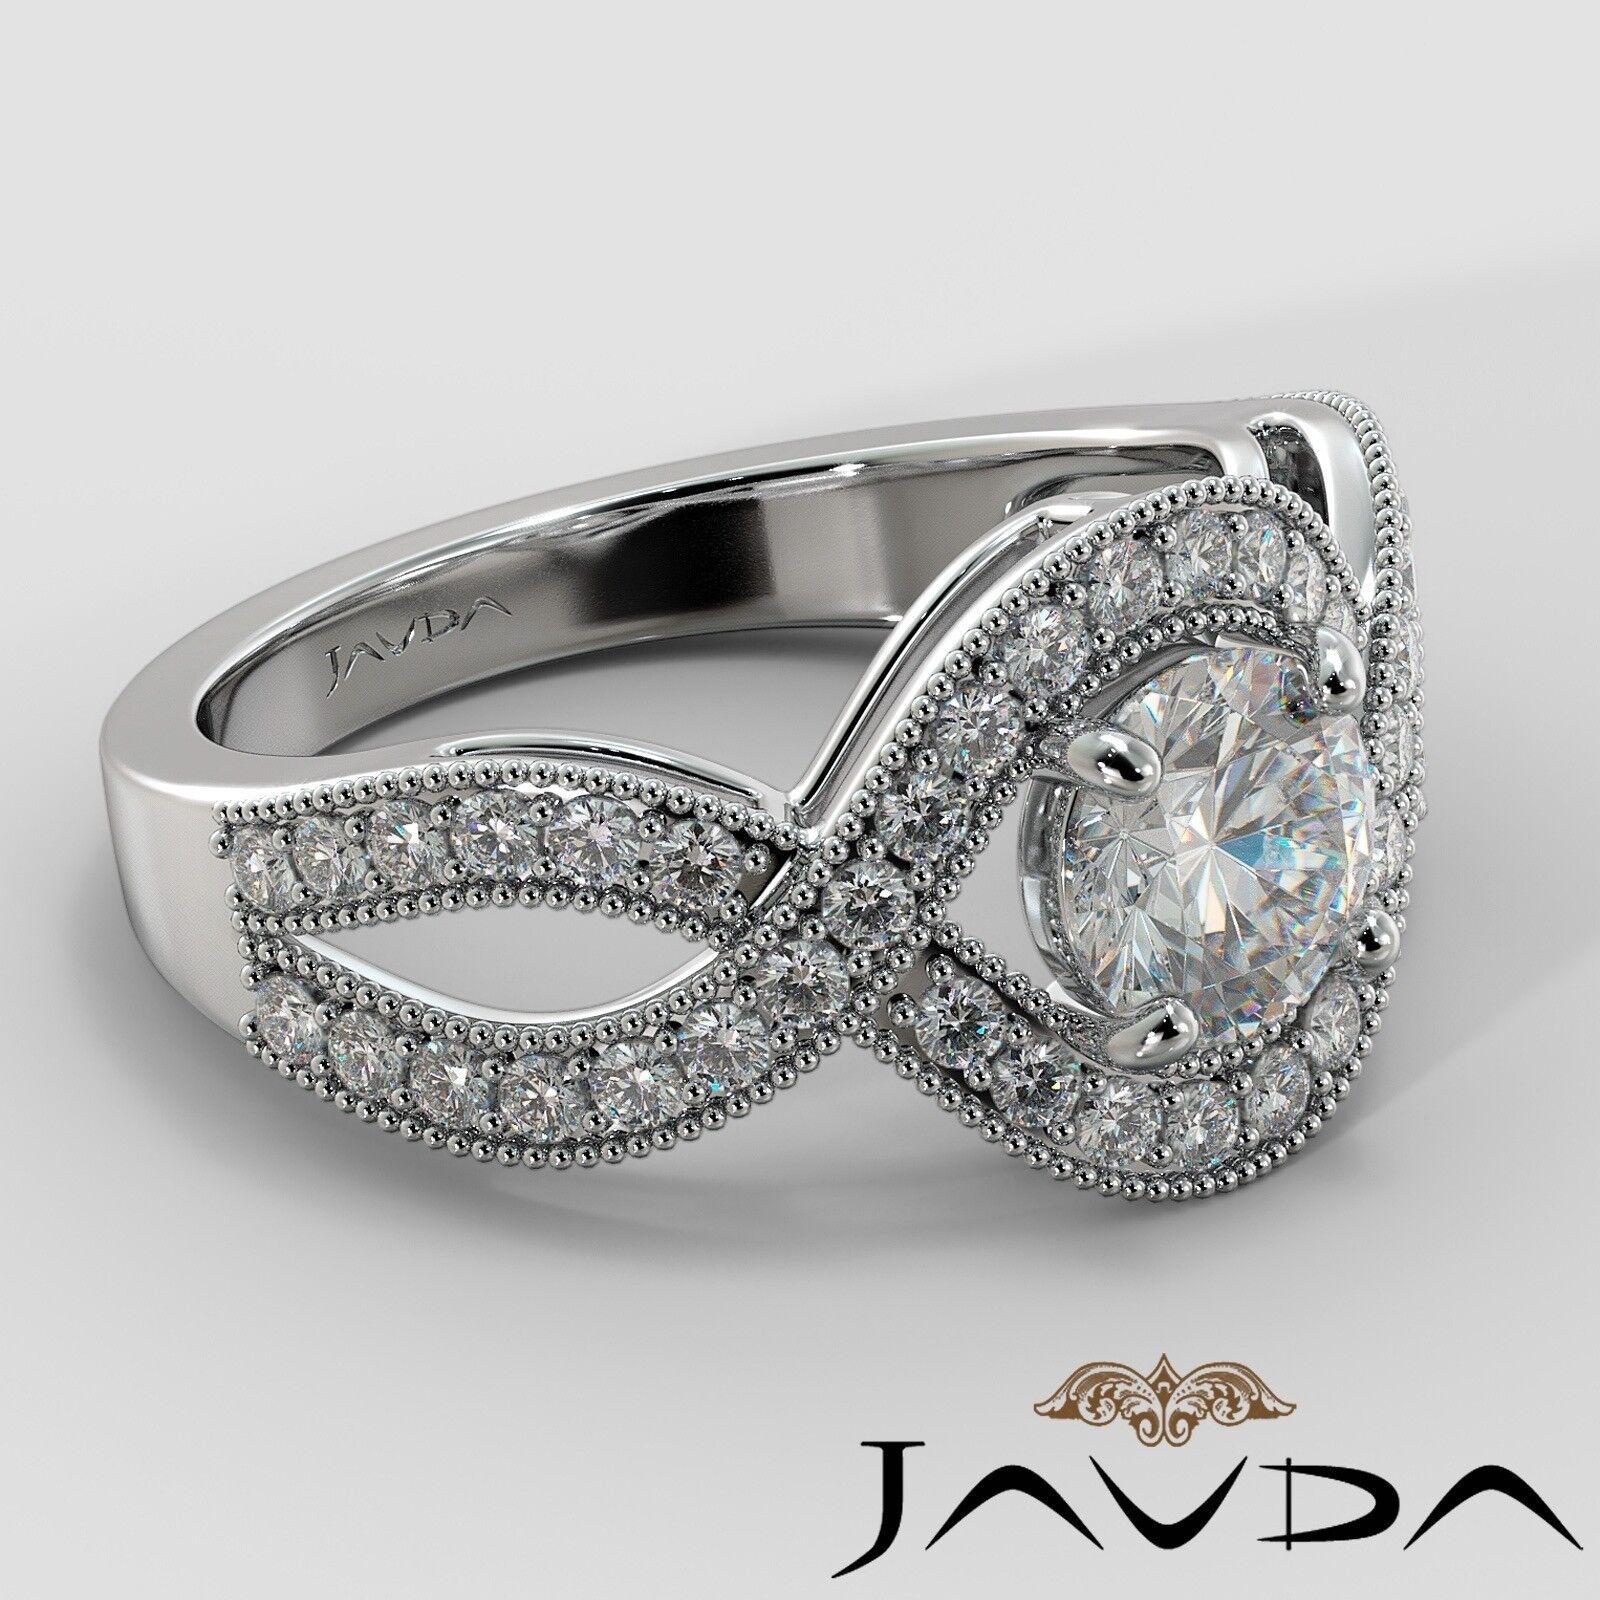 1.25ctw Milgrain Halo Side Stone Round Diamond Engagement Ring GIA G-VS1 W Gold 2